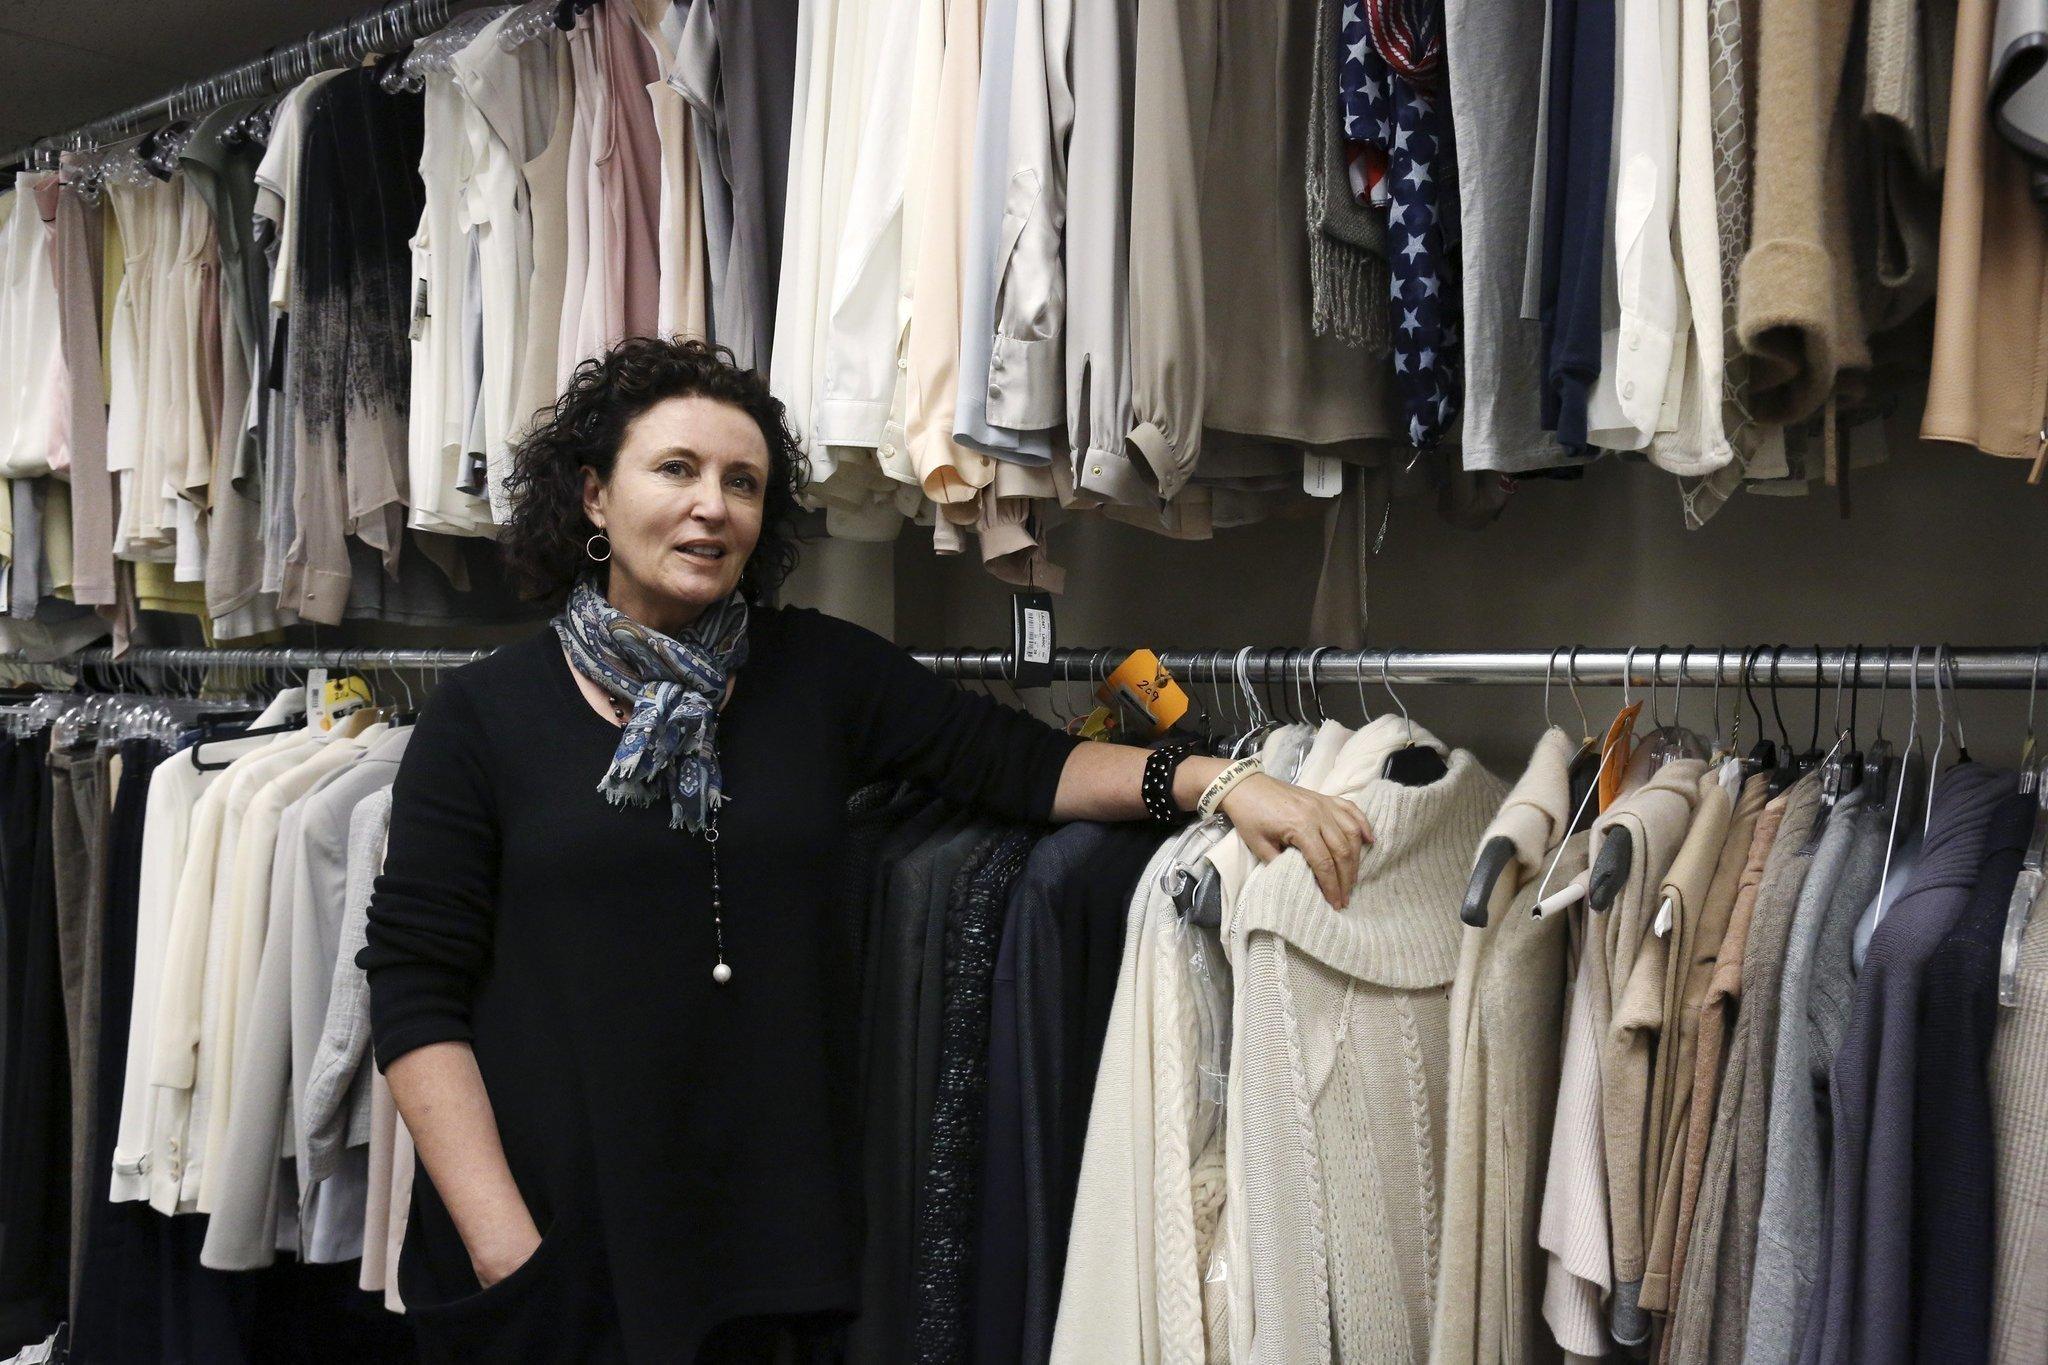 7c0662fa9c66 Washington s  Scandal  closet holds many outfits - The San Diego  Union-Tribune